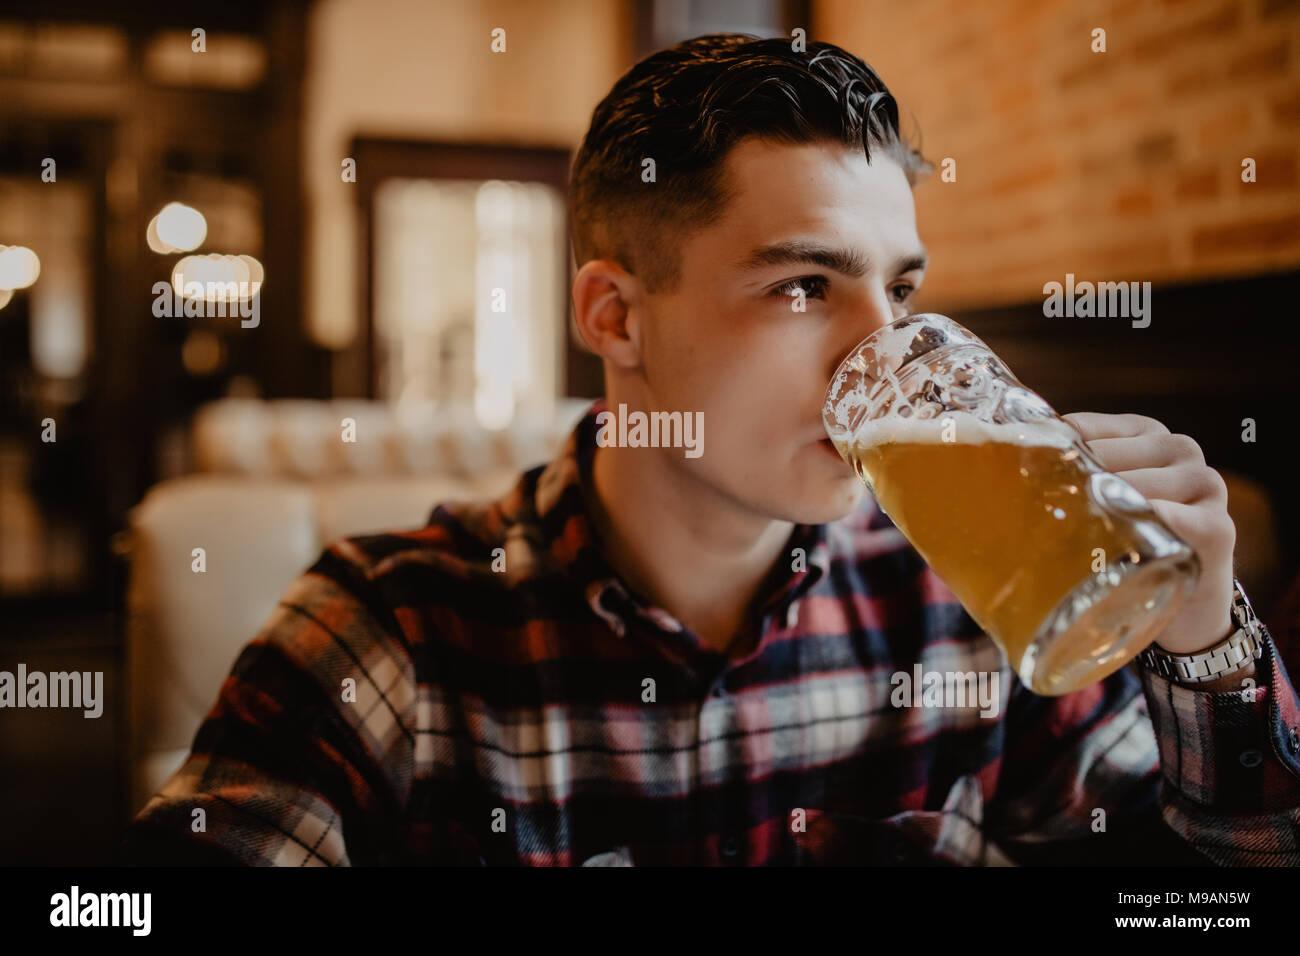 Ein junger Mann mit einem Bier in einer bar Stockbild